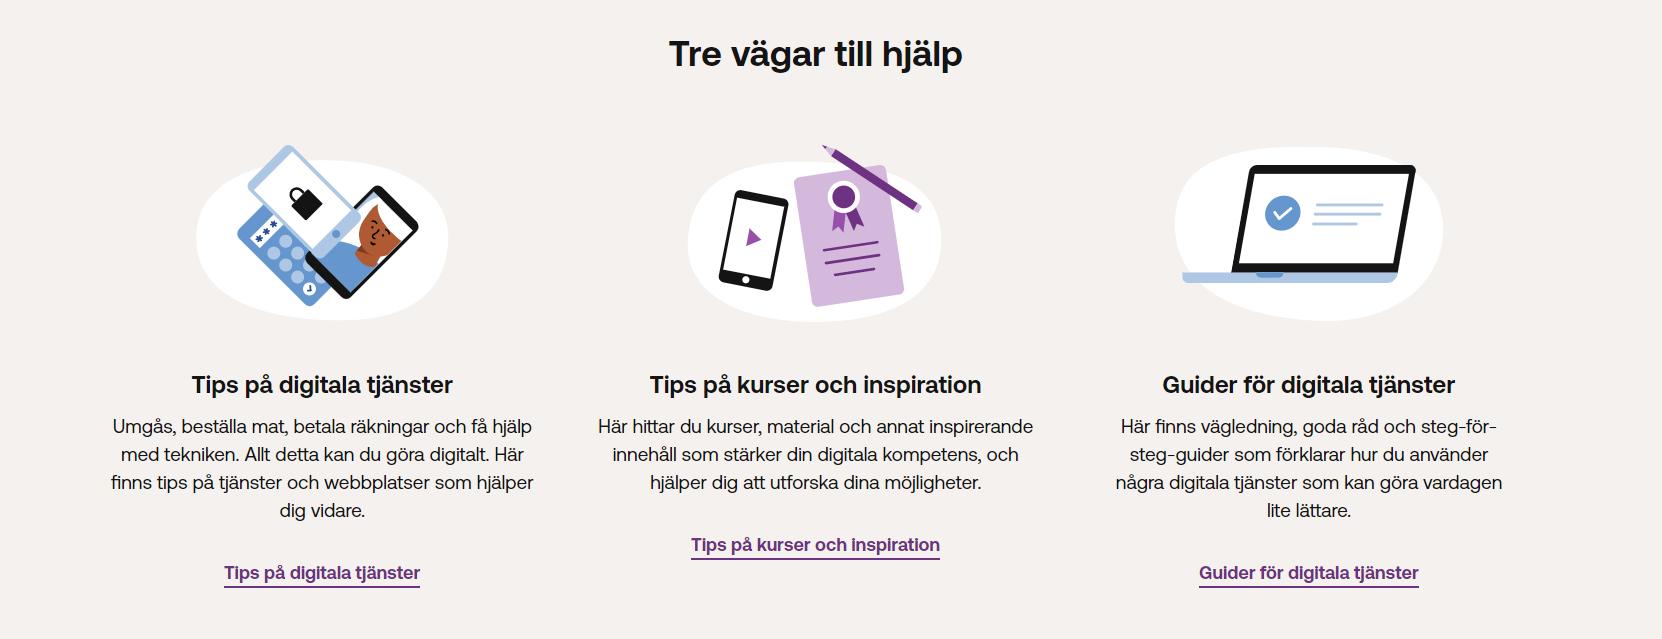 Skärmdump Digitalhjälpen: Tre vägar till hjälp: Tips på digitala tjänster, Tips på kurser och inspiration, Guider för digitala tjänster